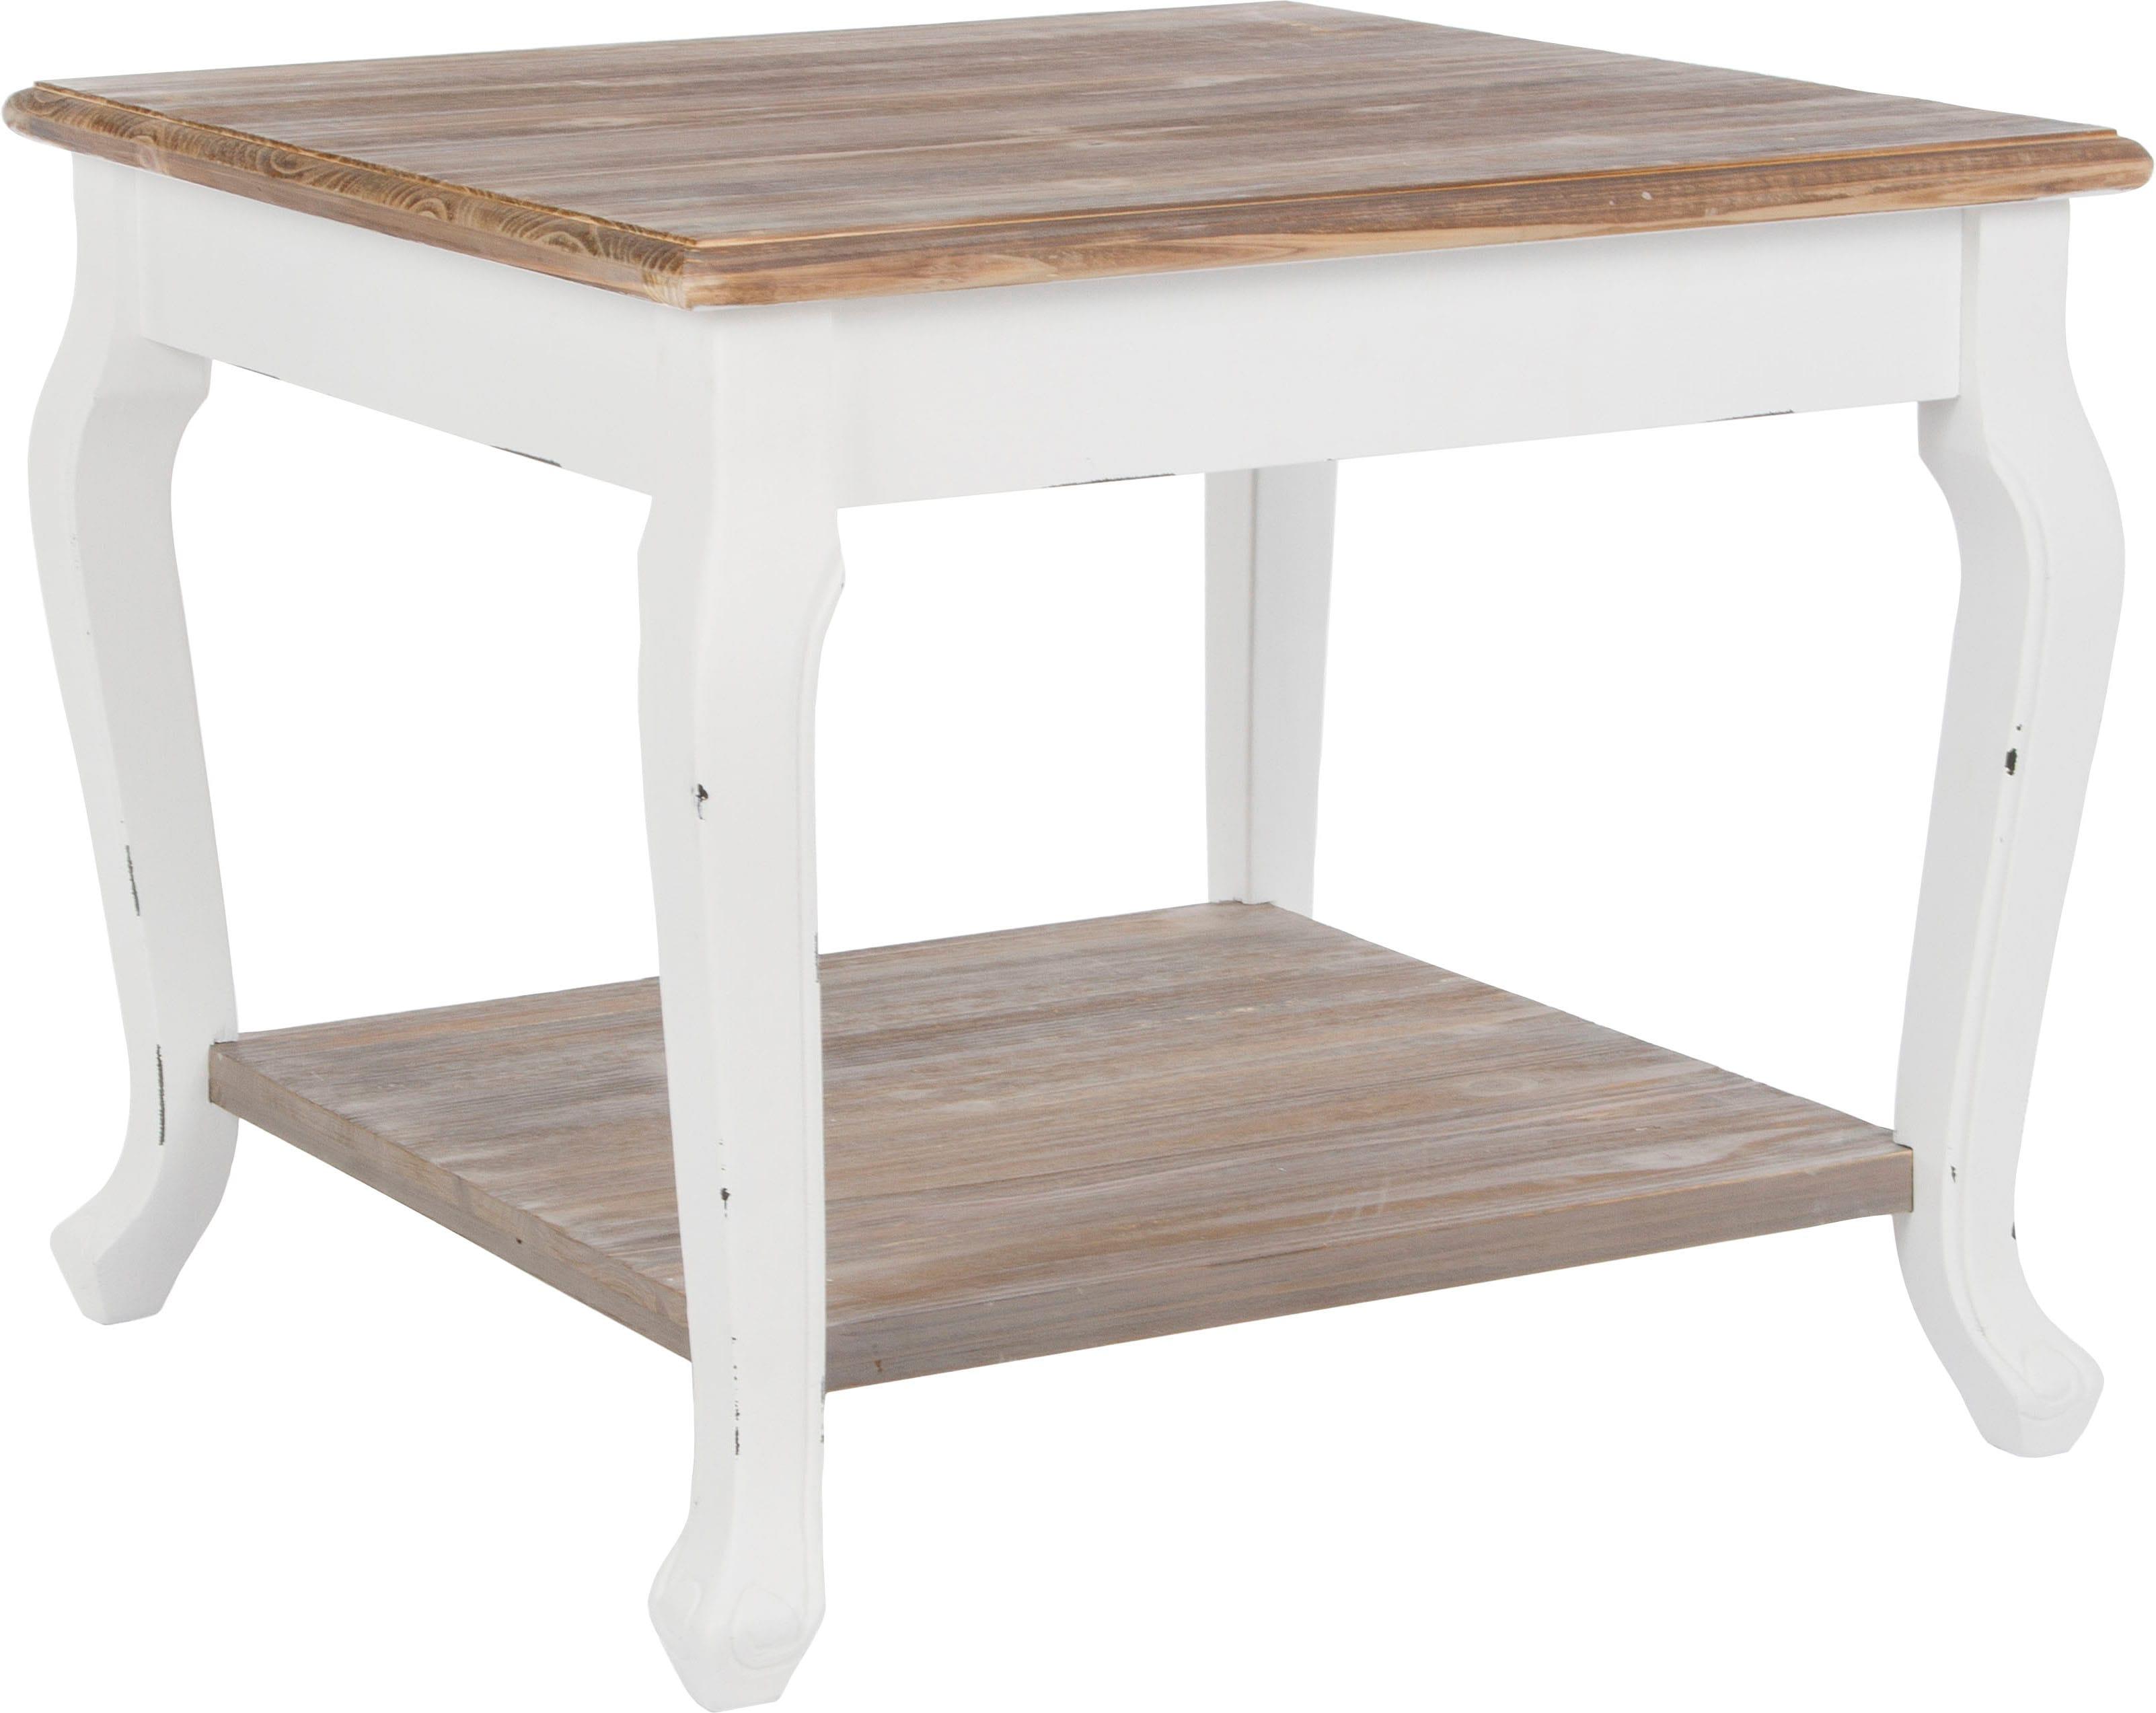 Beistelltisch Adriana, Holztisch, Quadratische Form, Landhausstile braun Beistelltische Tische